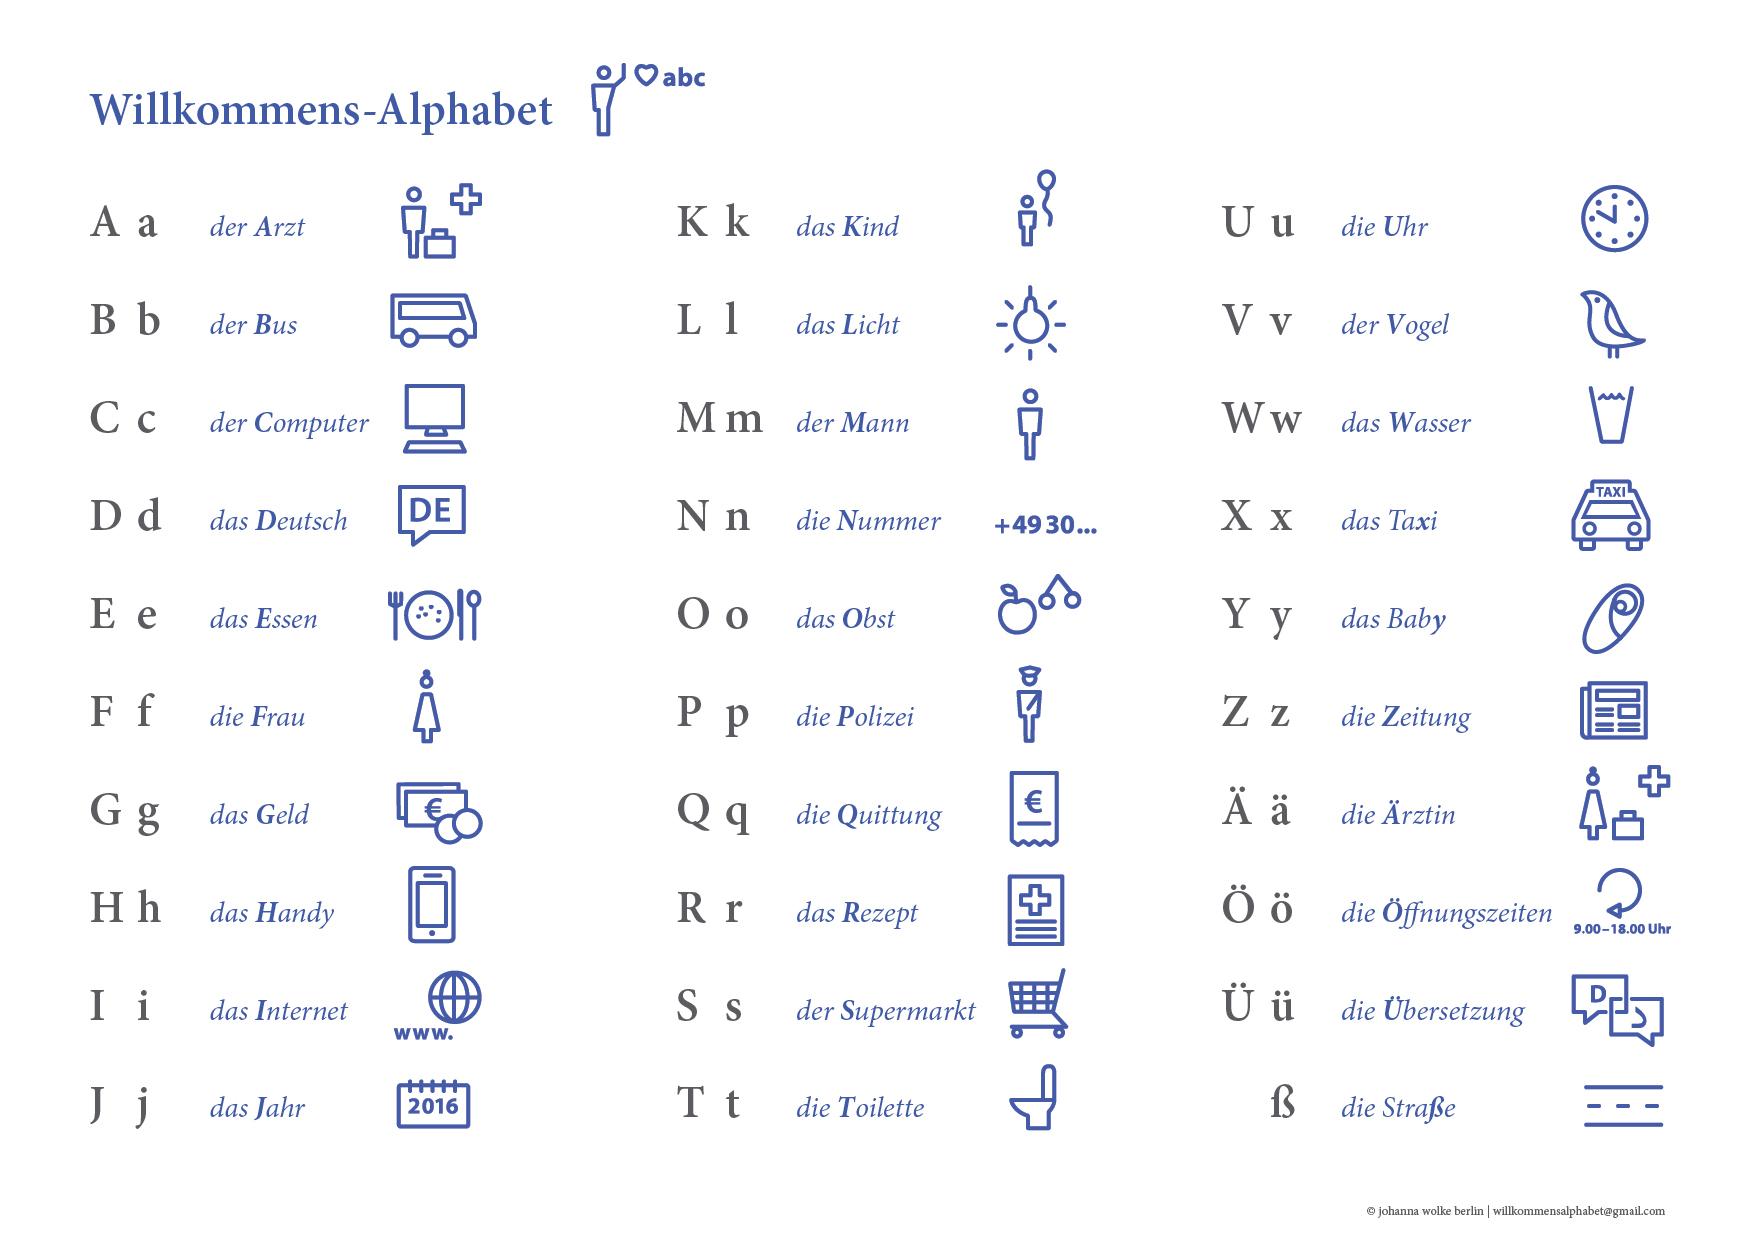 Neues Willkommens Alphabet Mit Alltags Piktogrammen DaF